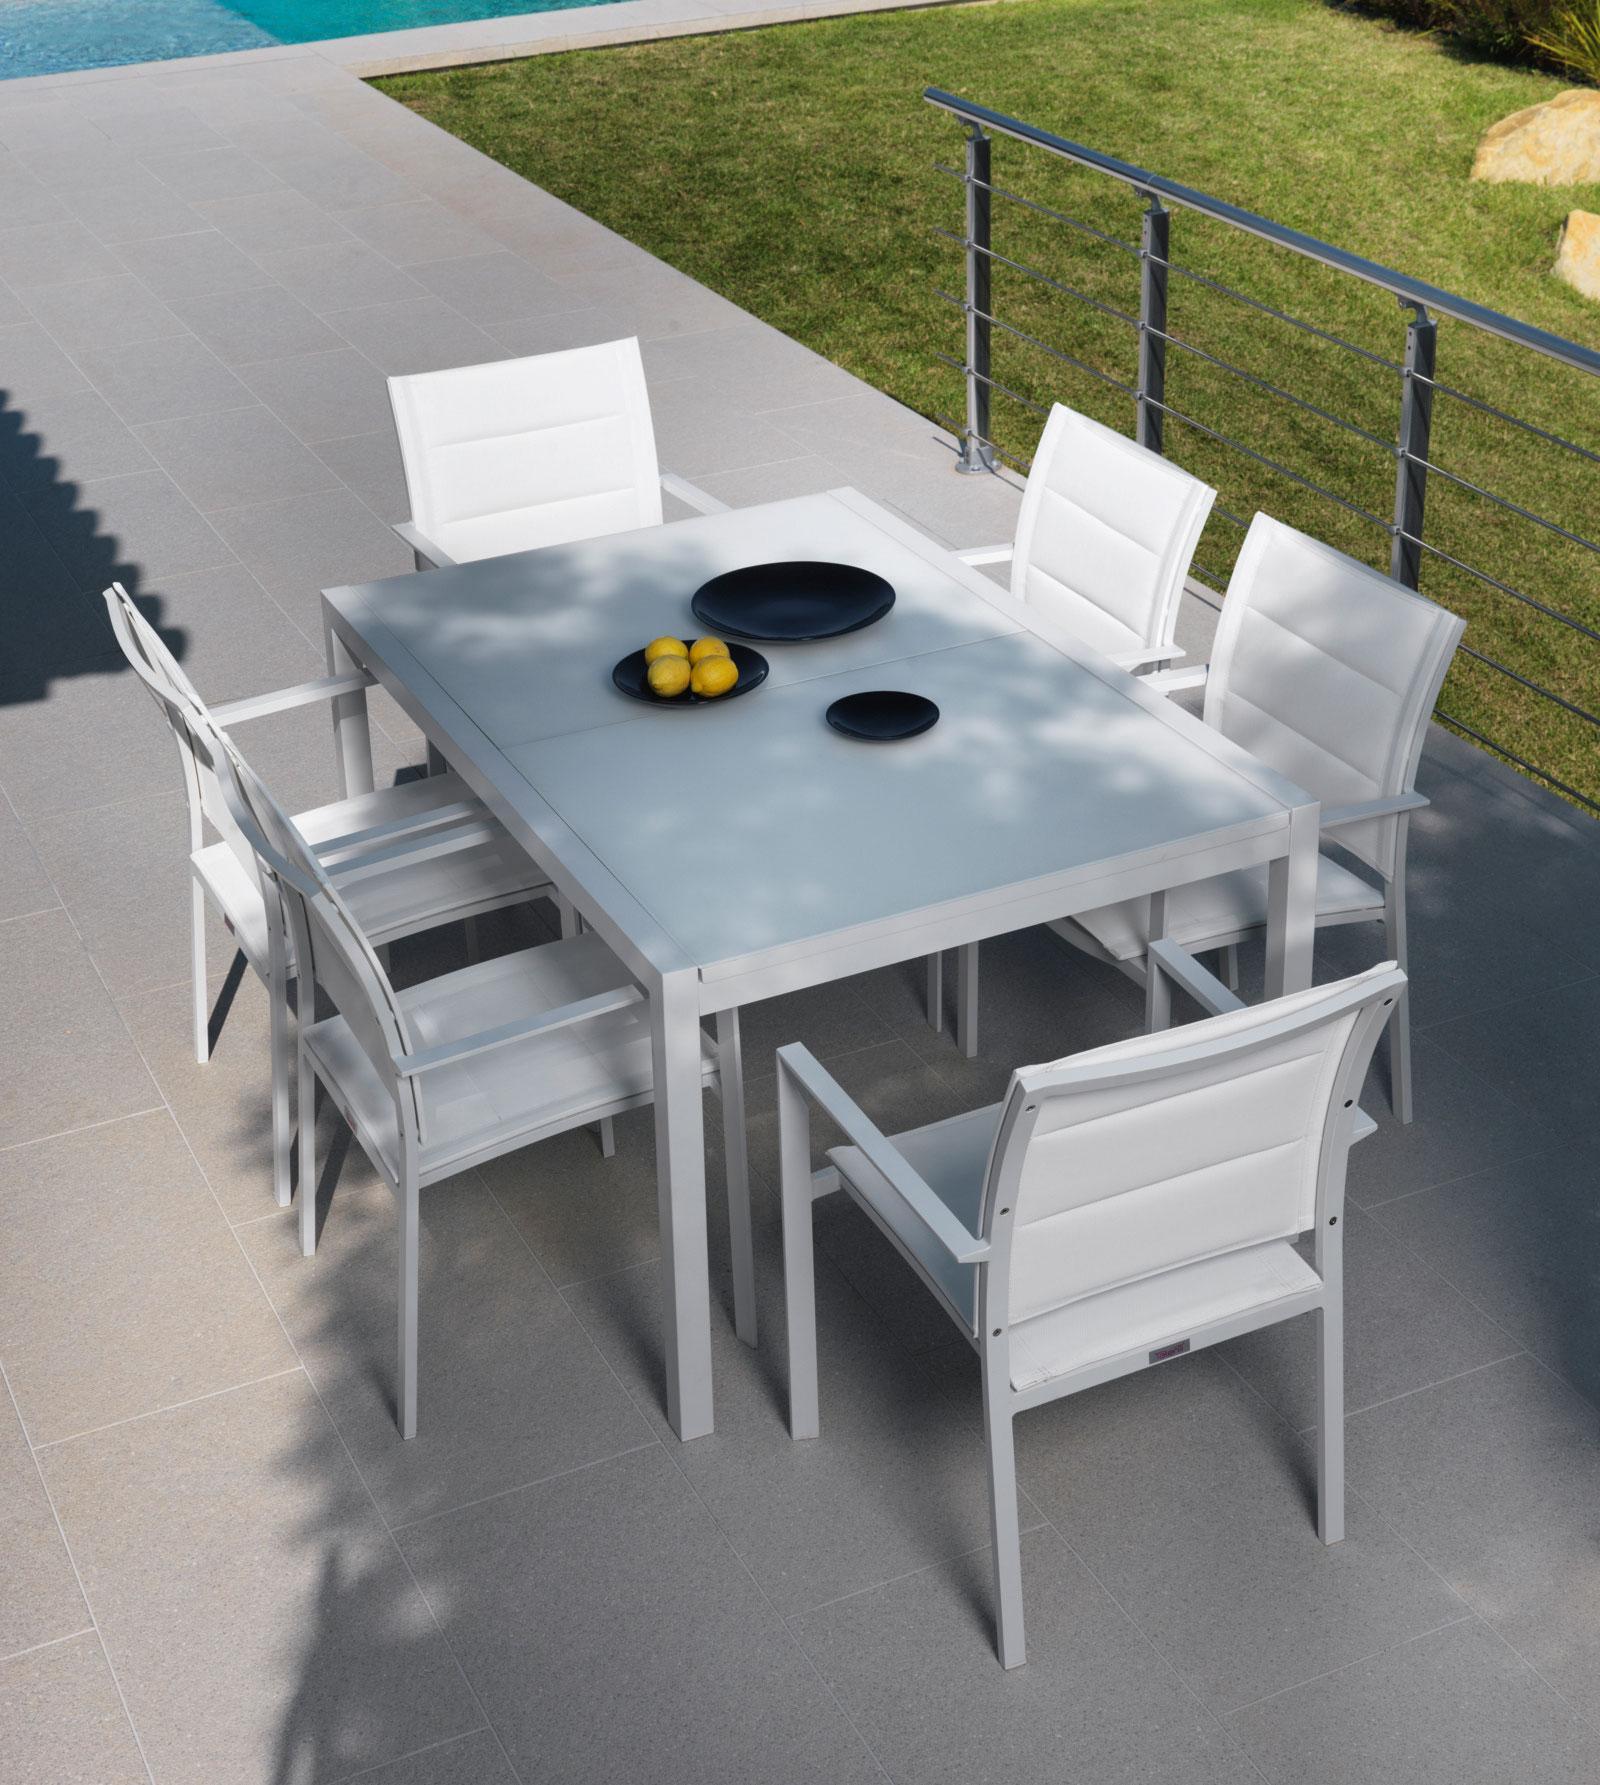 Sense tavolo da esterno 150 225 italy dream design for Tavolo da terrazzo allungabile